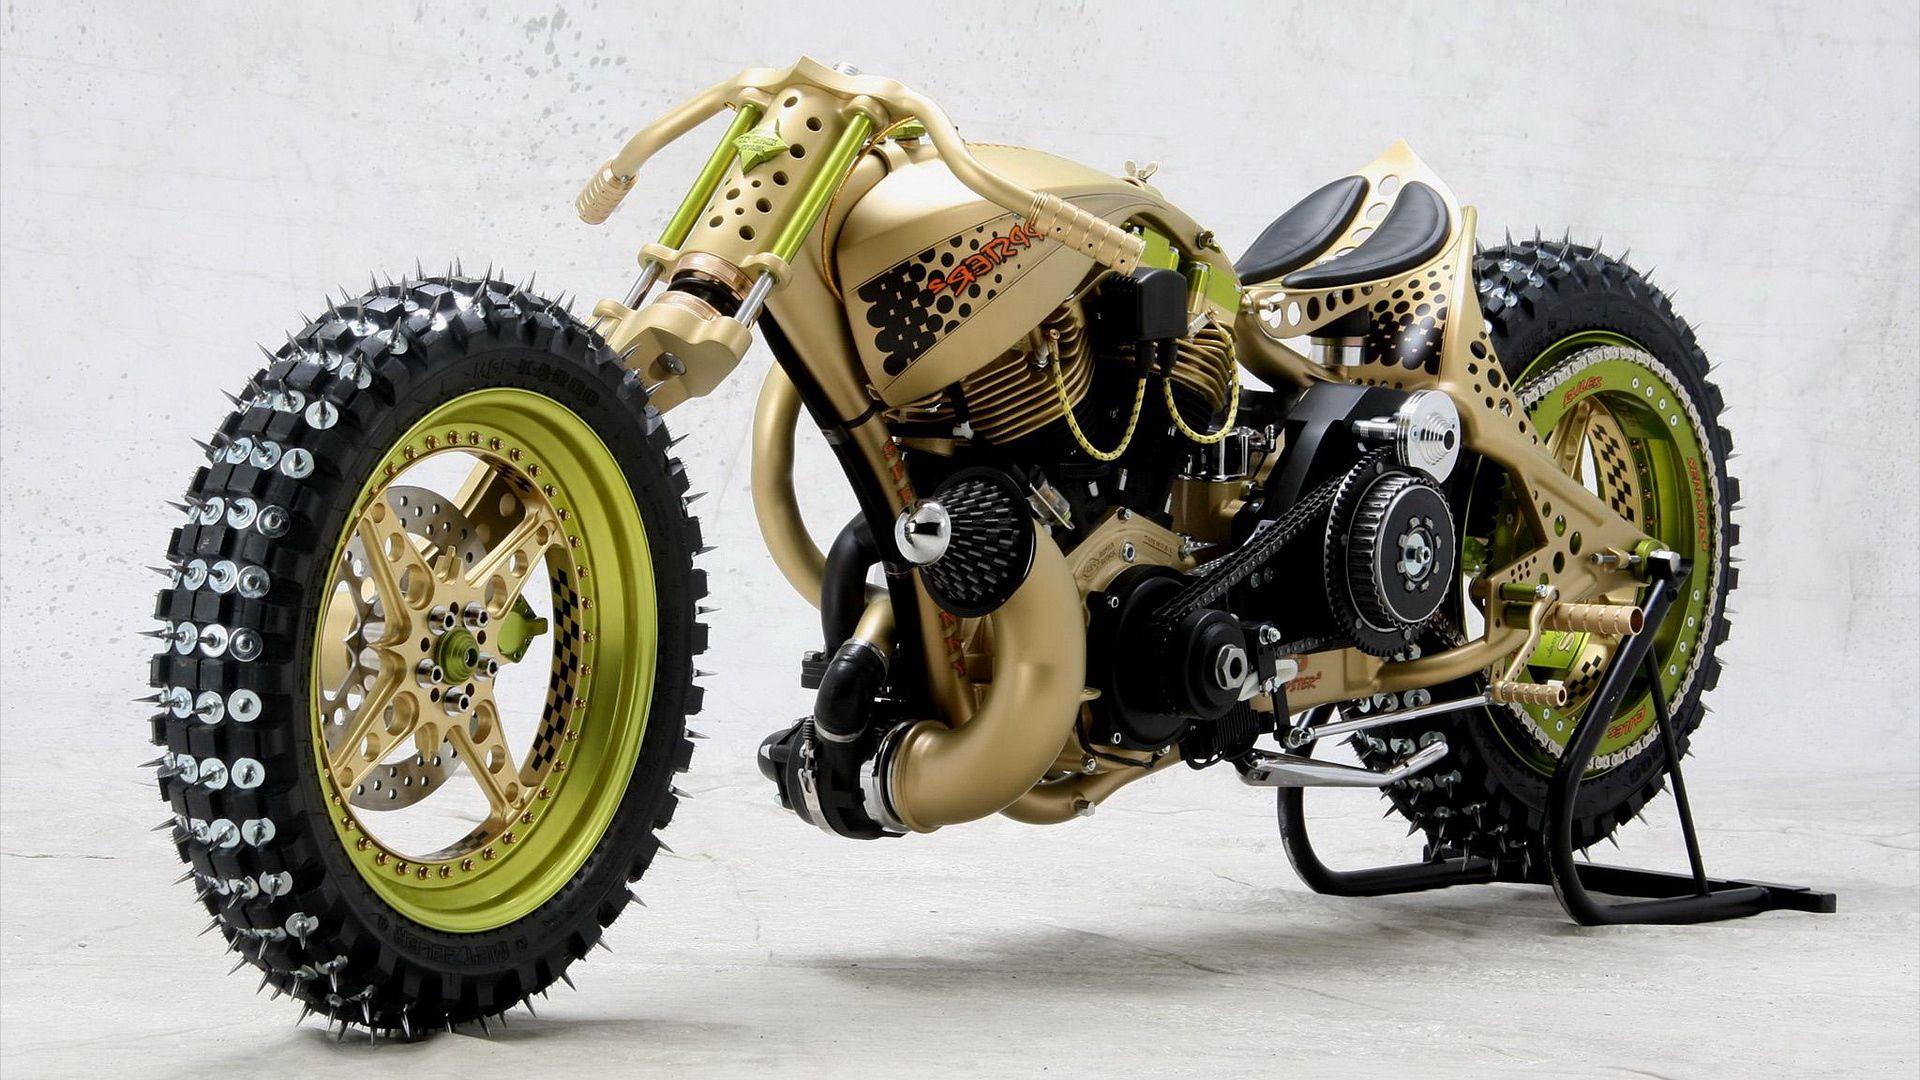 105711 Hintergrundbild herunterladen Motorräder, Motorrad, Deutschland, Tgs Seppster, Eisrennfahrer - Bildschirmschoner und Bilder kostenlos